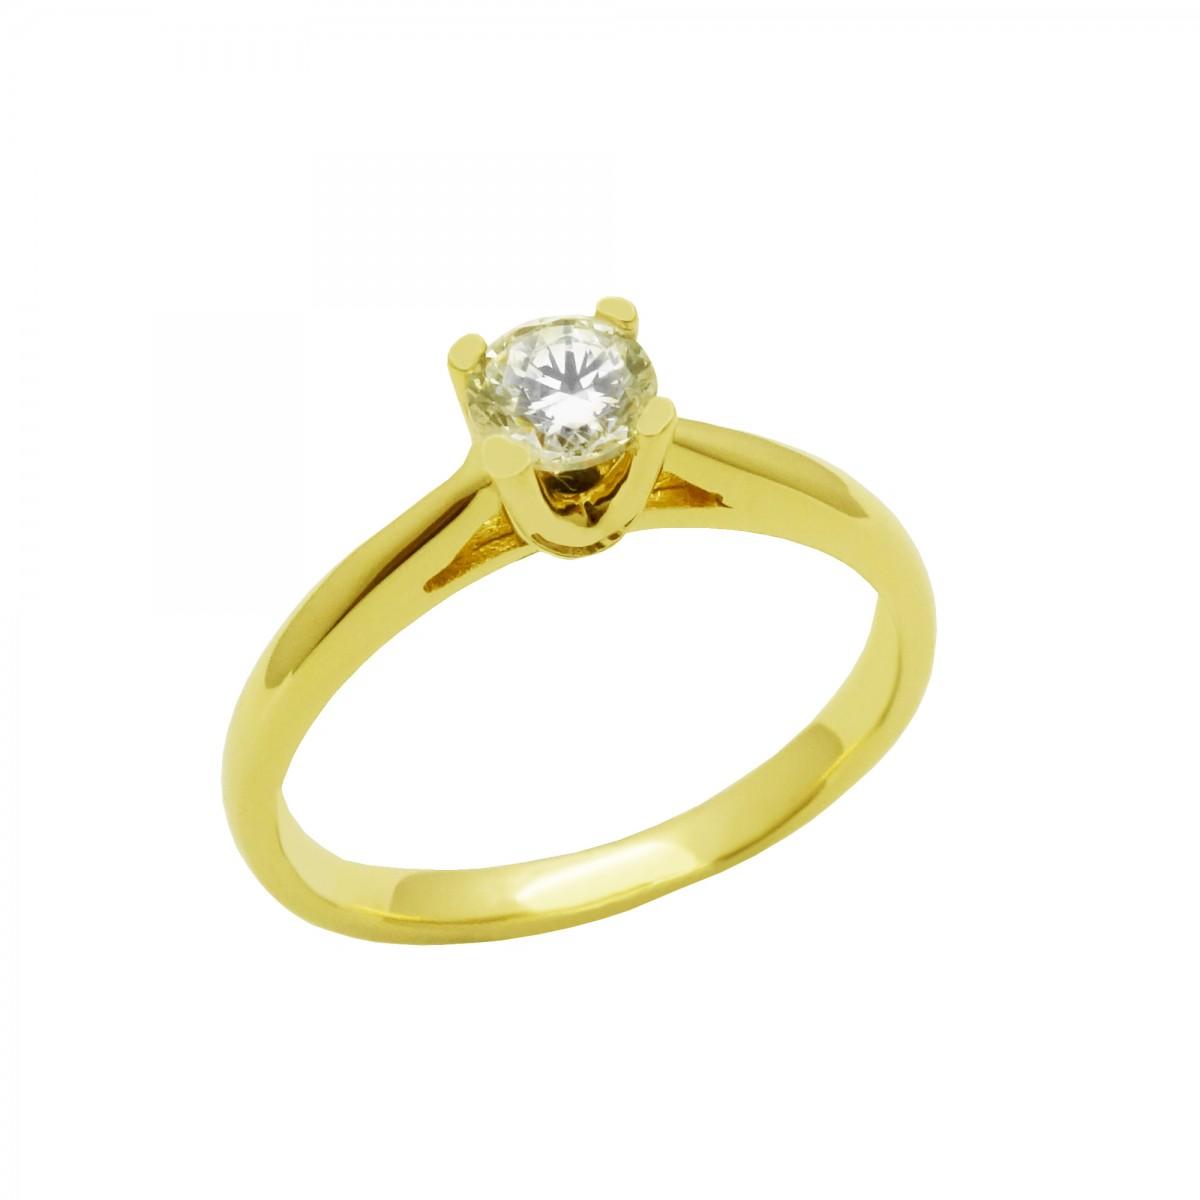 Μονόπετρο δαχτυλίδι χρυσό 14 καράτια με ζιργκόν - 168€ d5364fce555